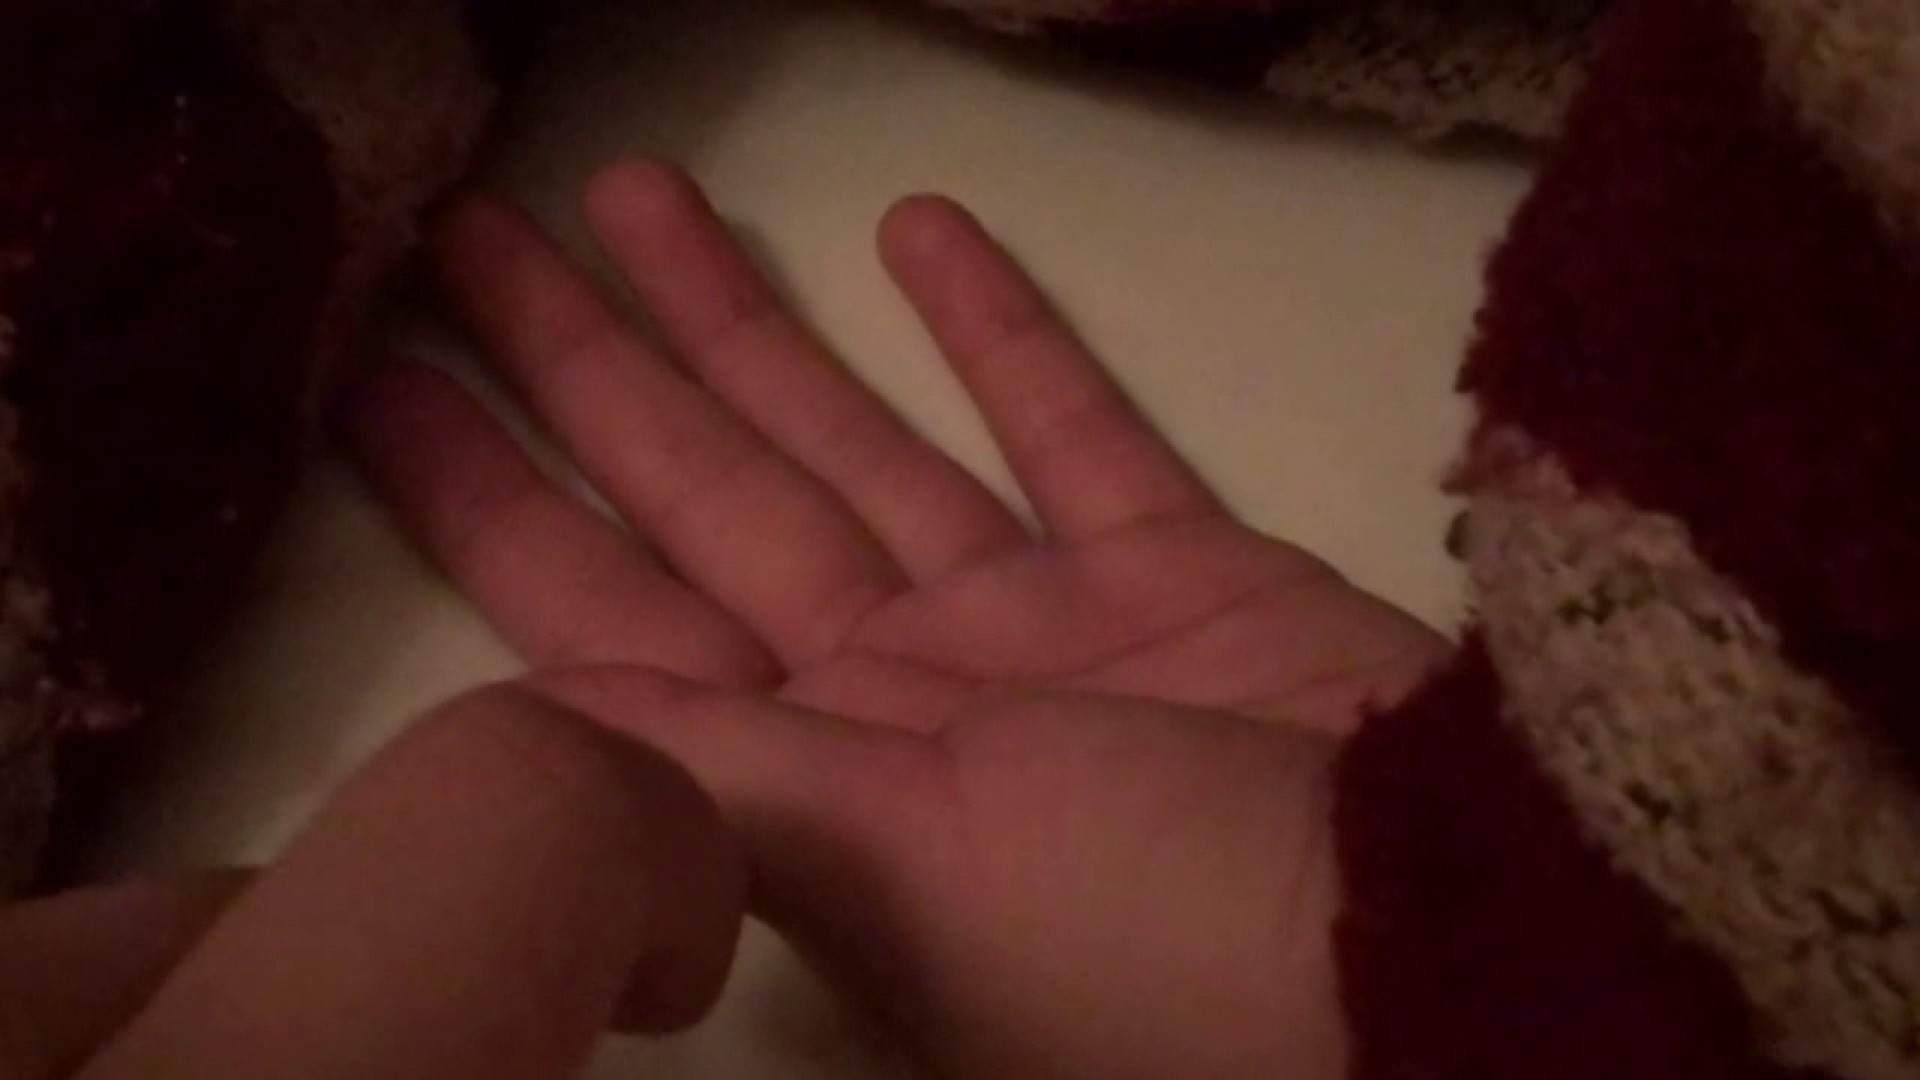 魔術師の お・も・て・な・し vol.25 19歳の巨乳ちゃんにログイン! 巨乳   イタズラ  82pic 22